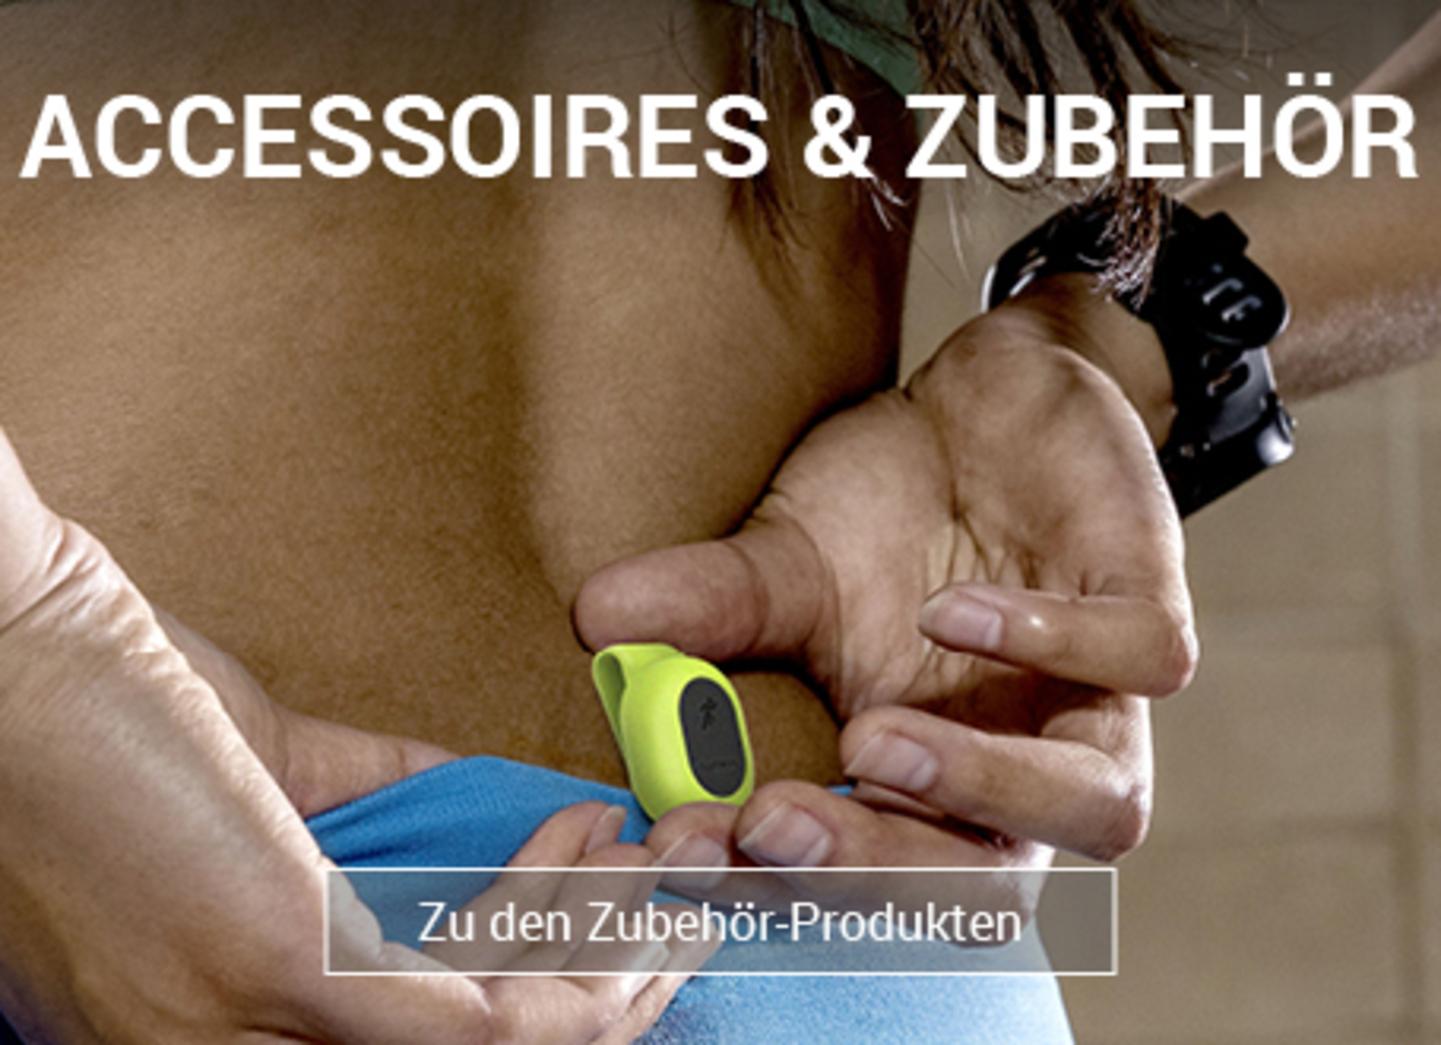 Accessoires & Zubehör